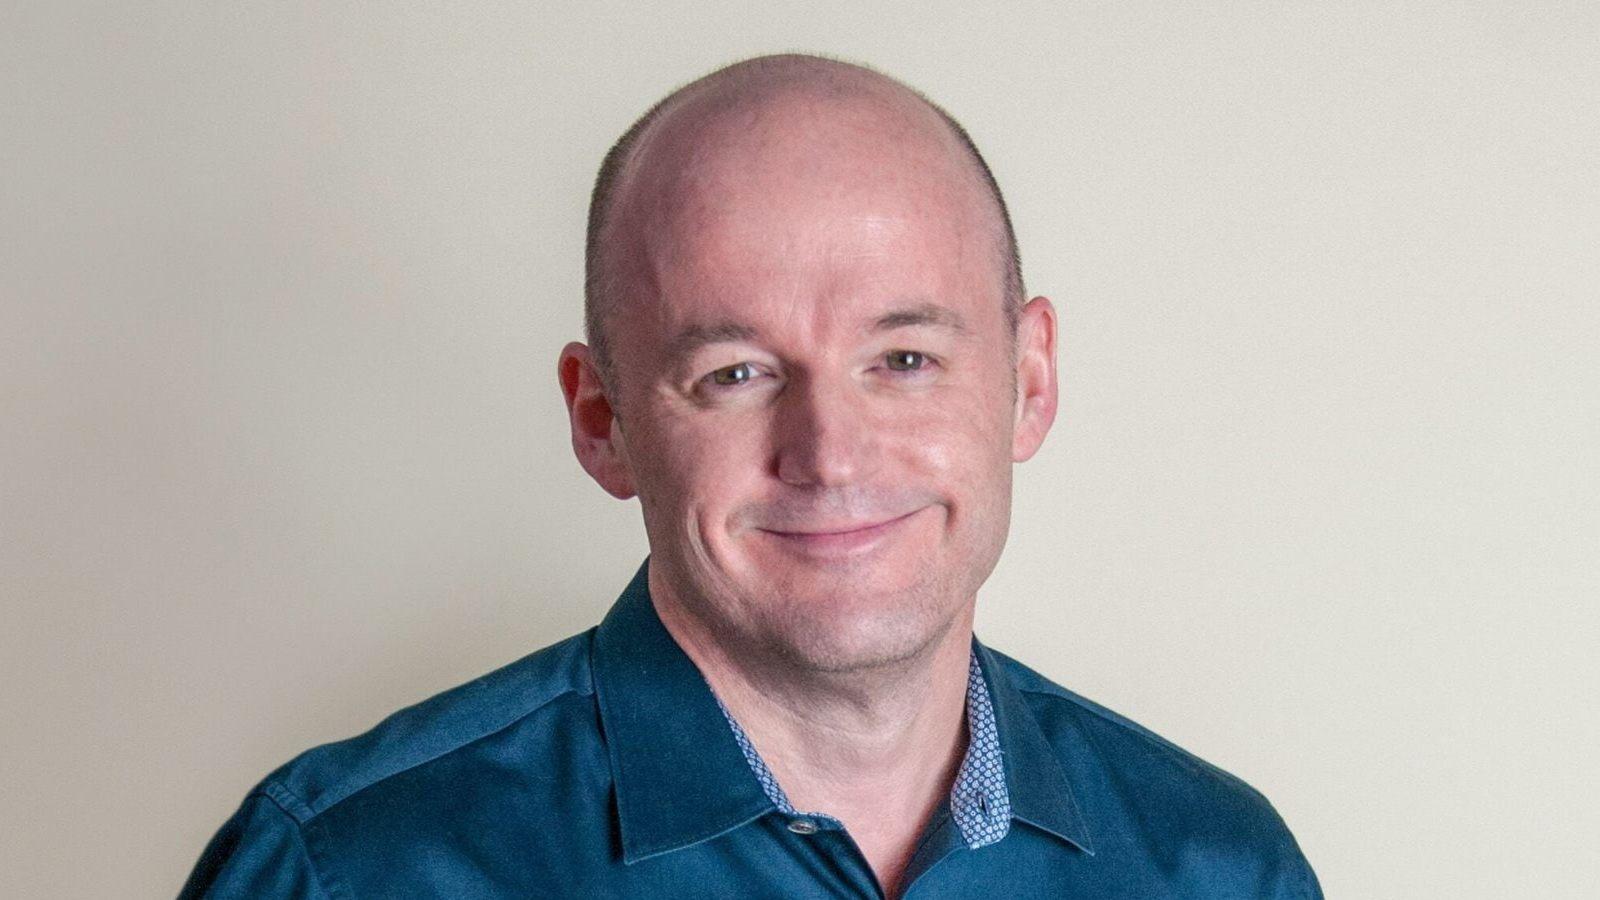 Директор id Software уходит из компании после 24 лет работы